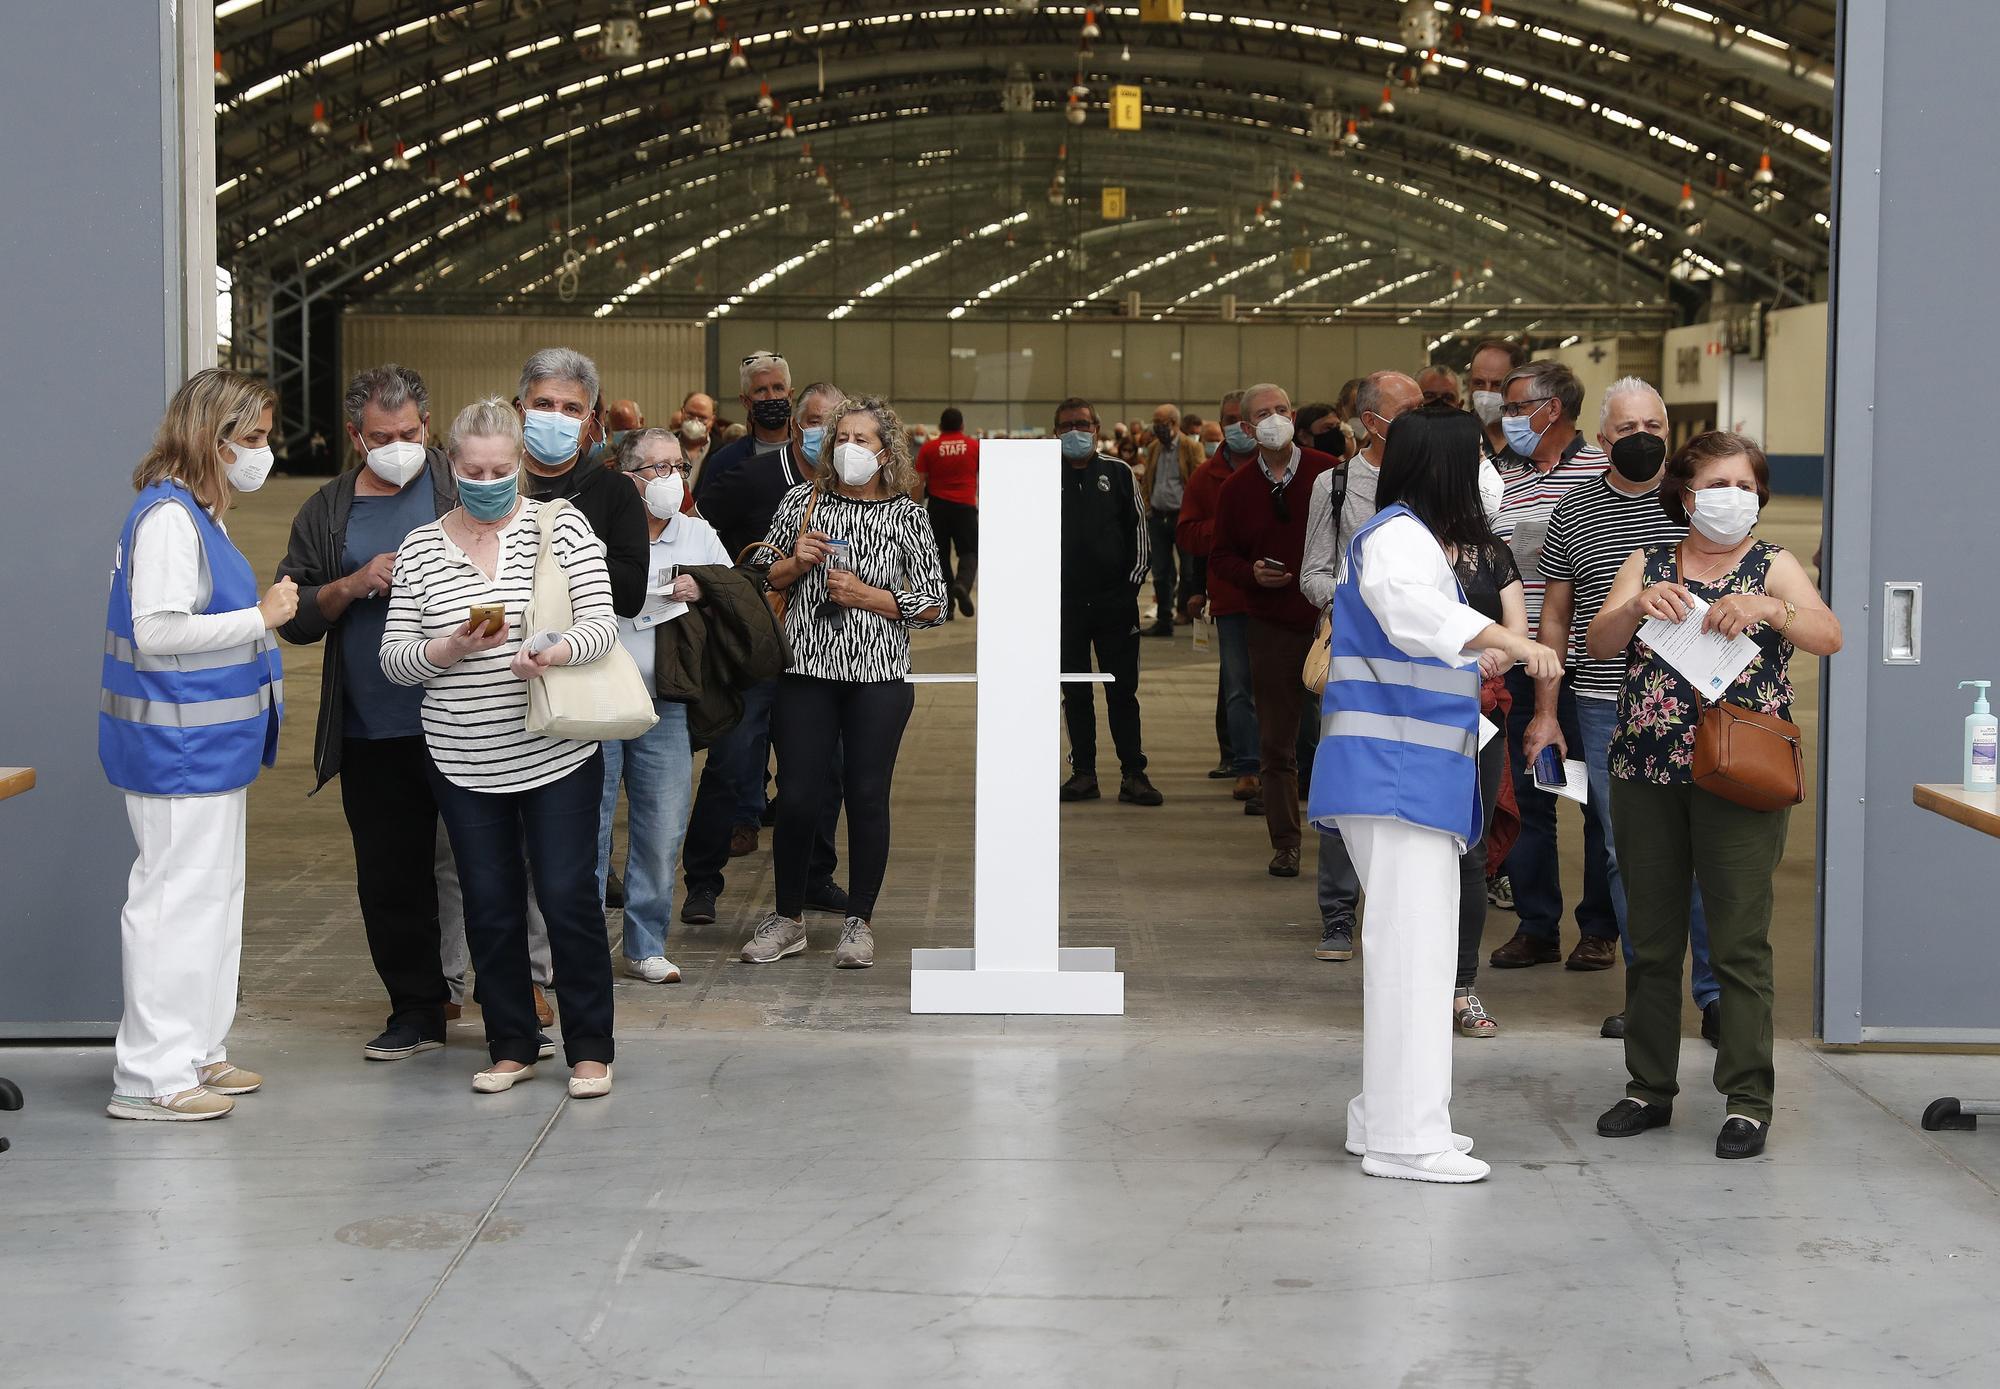 Así transcurrió la primera jornada de una nueva vacunación masiva contra el COVID en Vigo